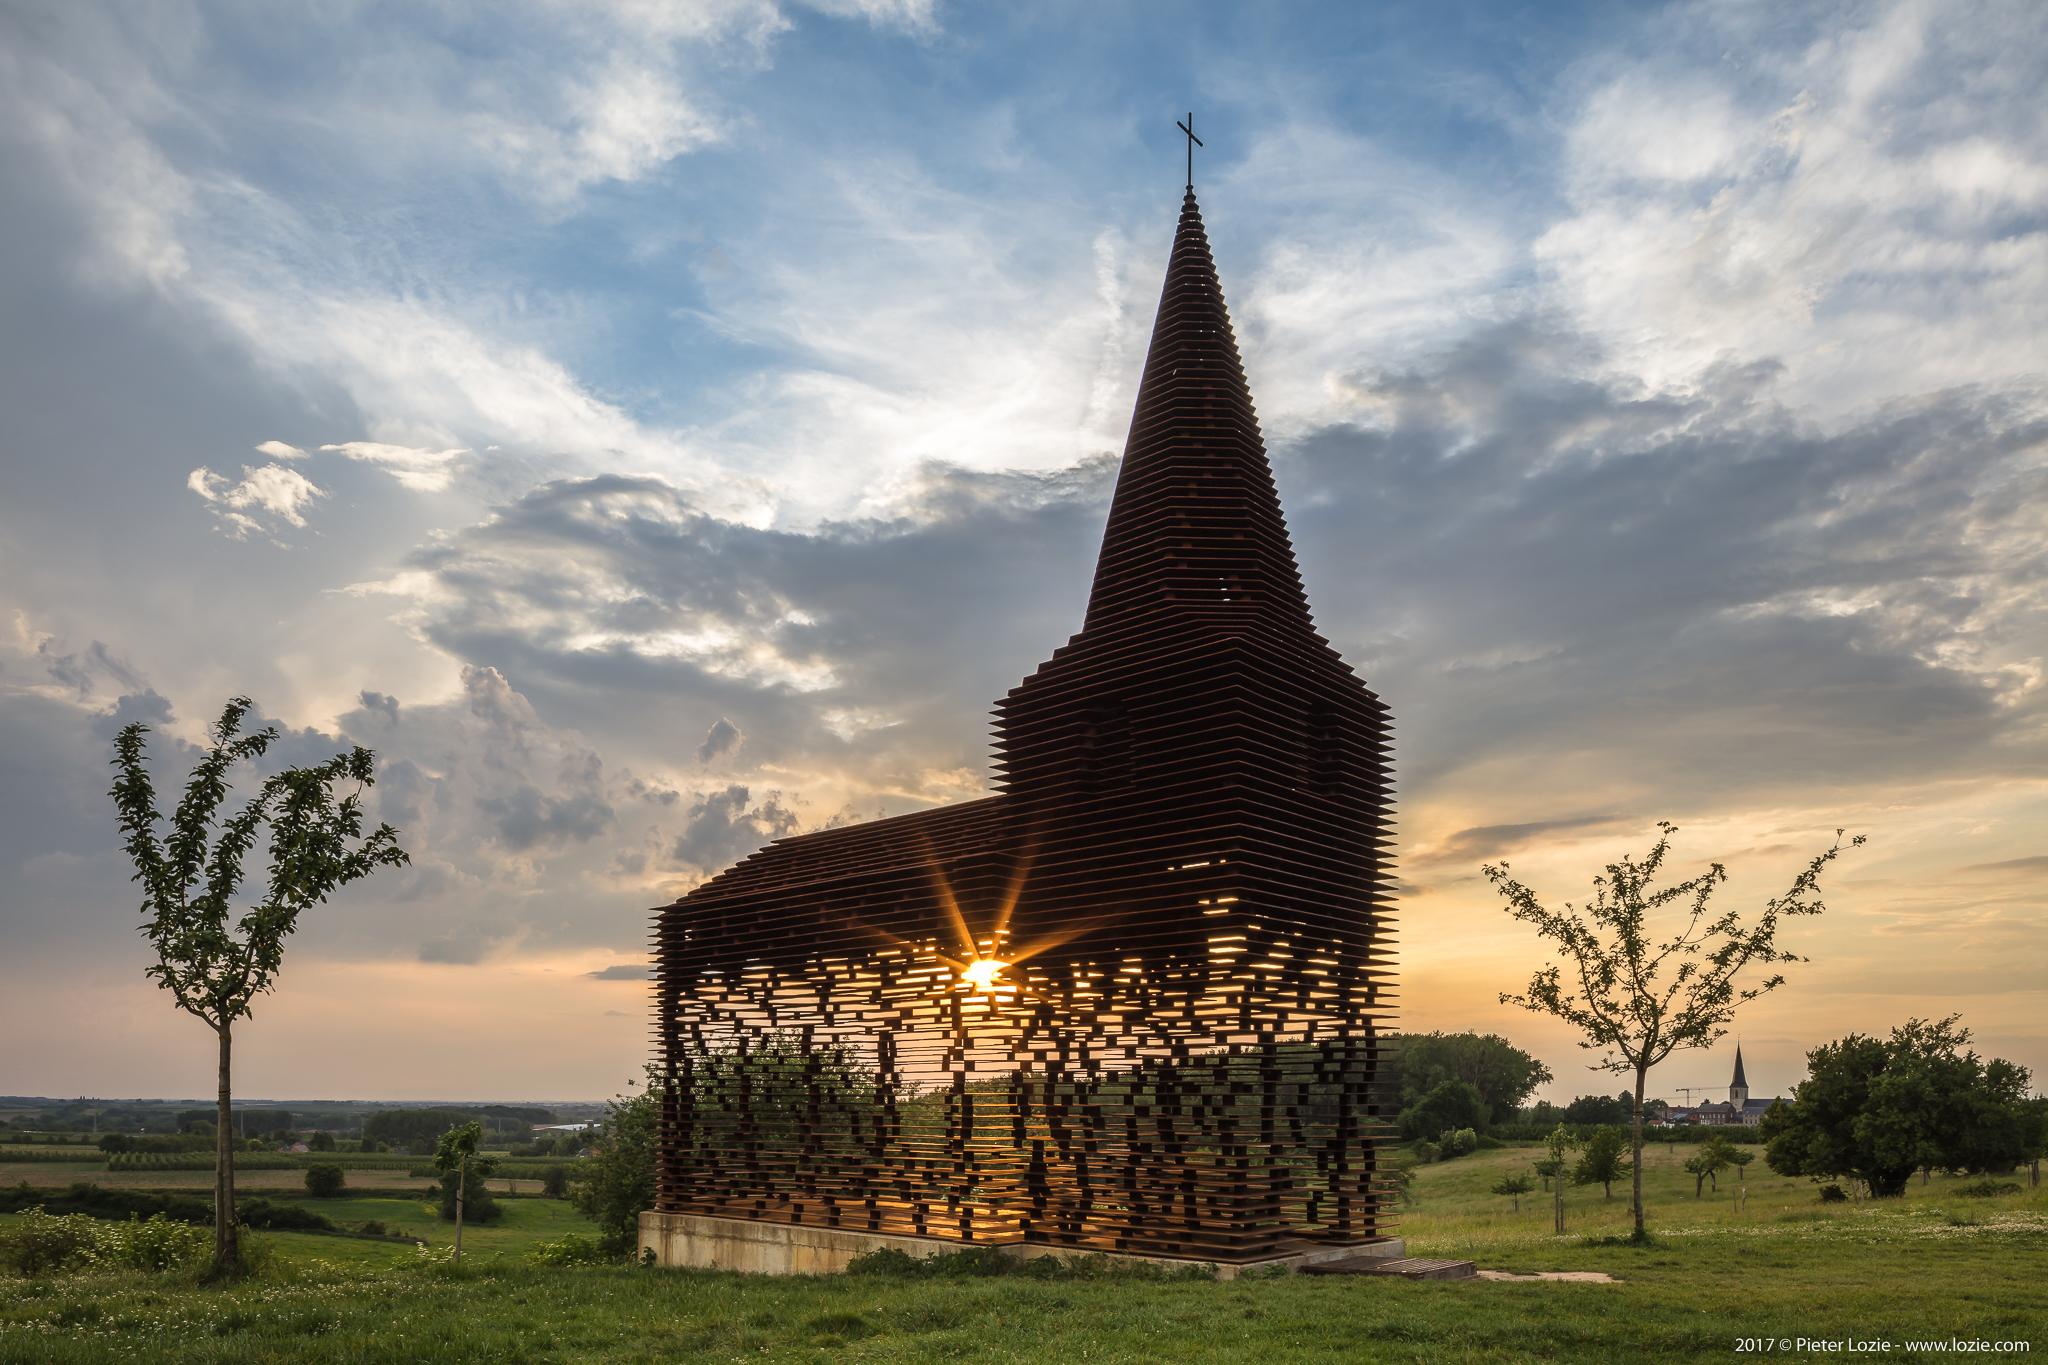 Doorkijkkerkje, Borgloon, Belgium - Gijs Van Vaerenbergh architects